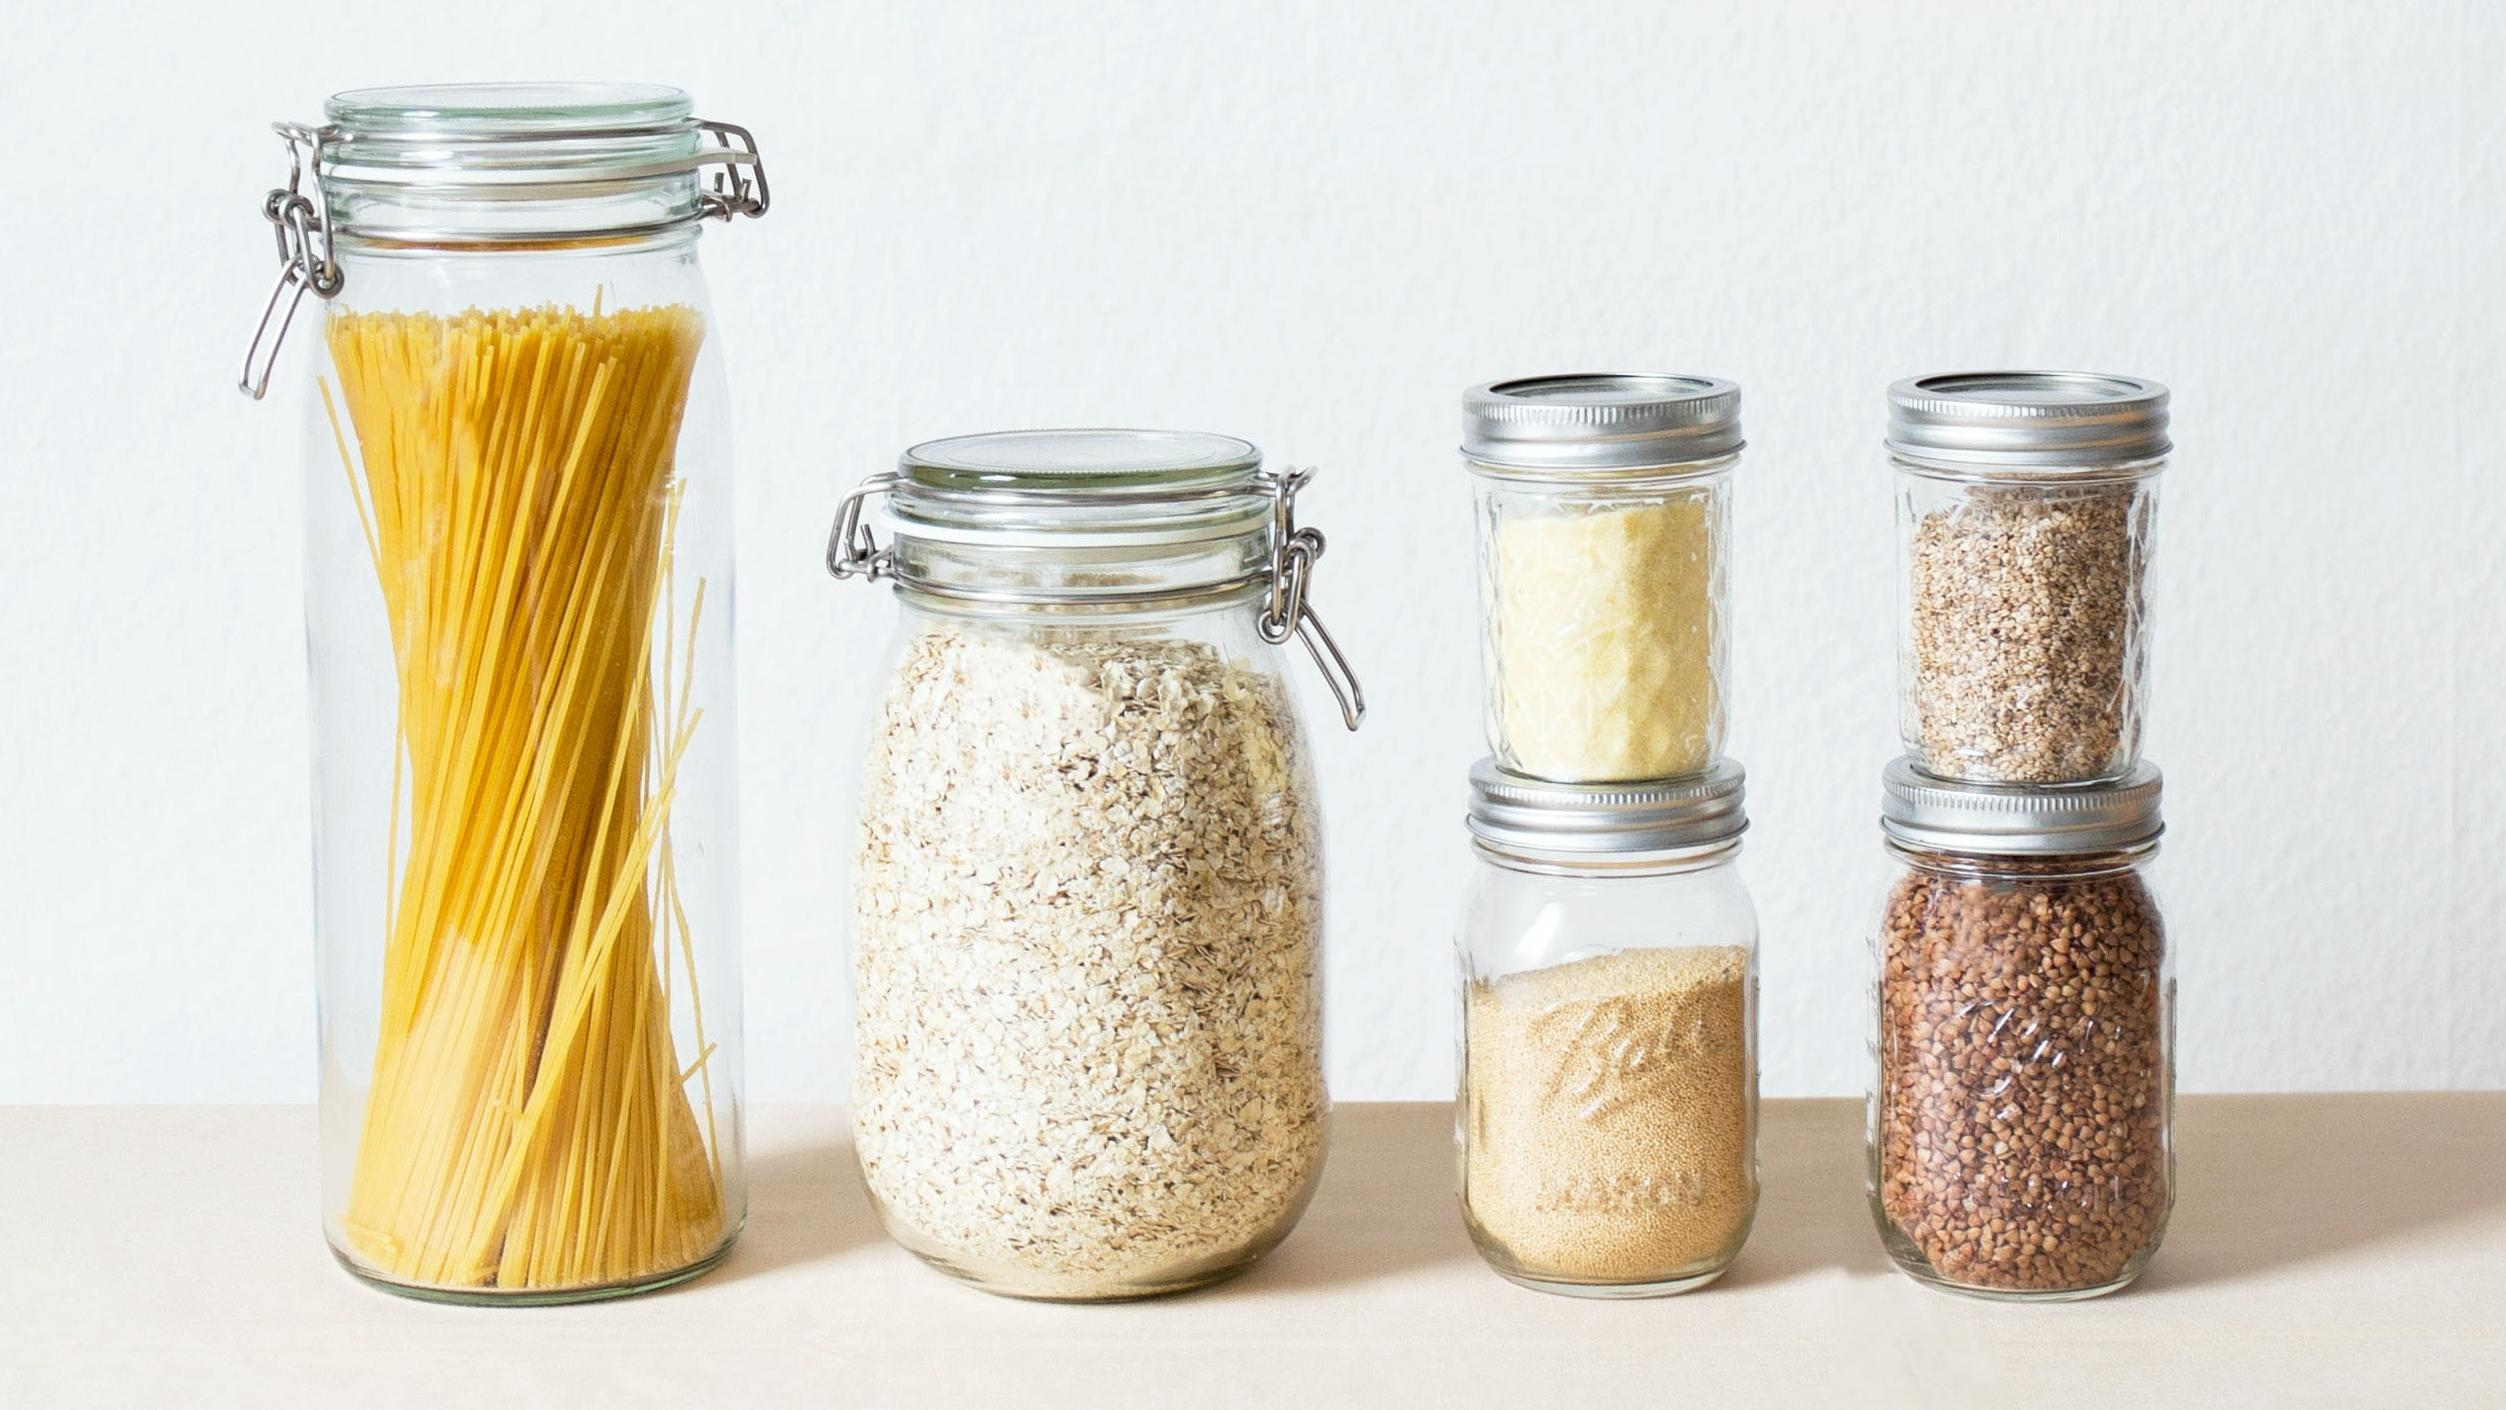 Nachhaltig kochen: In sogenannten Unverpackt-Läden können Sie sich die gewünschte Menge eines Produktes einfach in selbst mitgebrachte Behältnisse abfüllen lassen und auf umweltschädliche Plastikverpackungen verzichten.